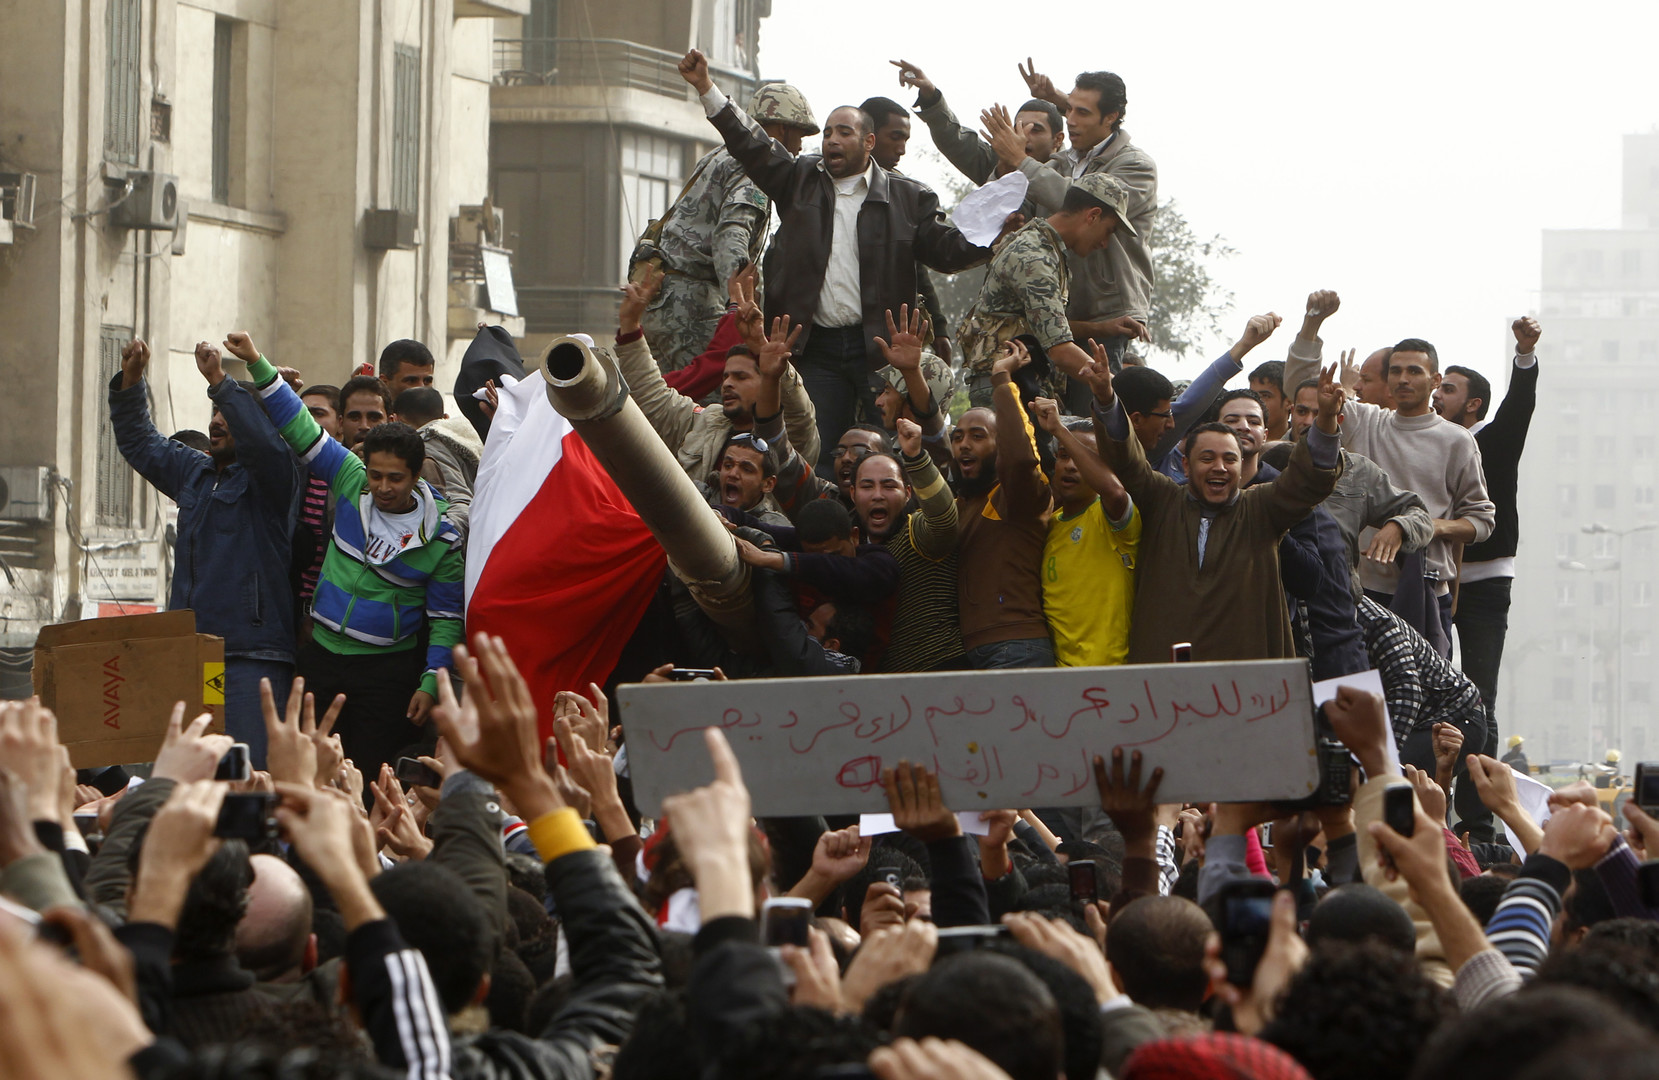 Schnell verbünden sich Soldaten mit den protestierenden Massen.